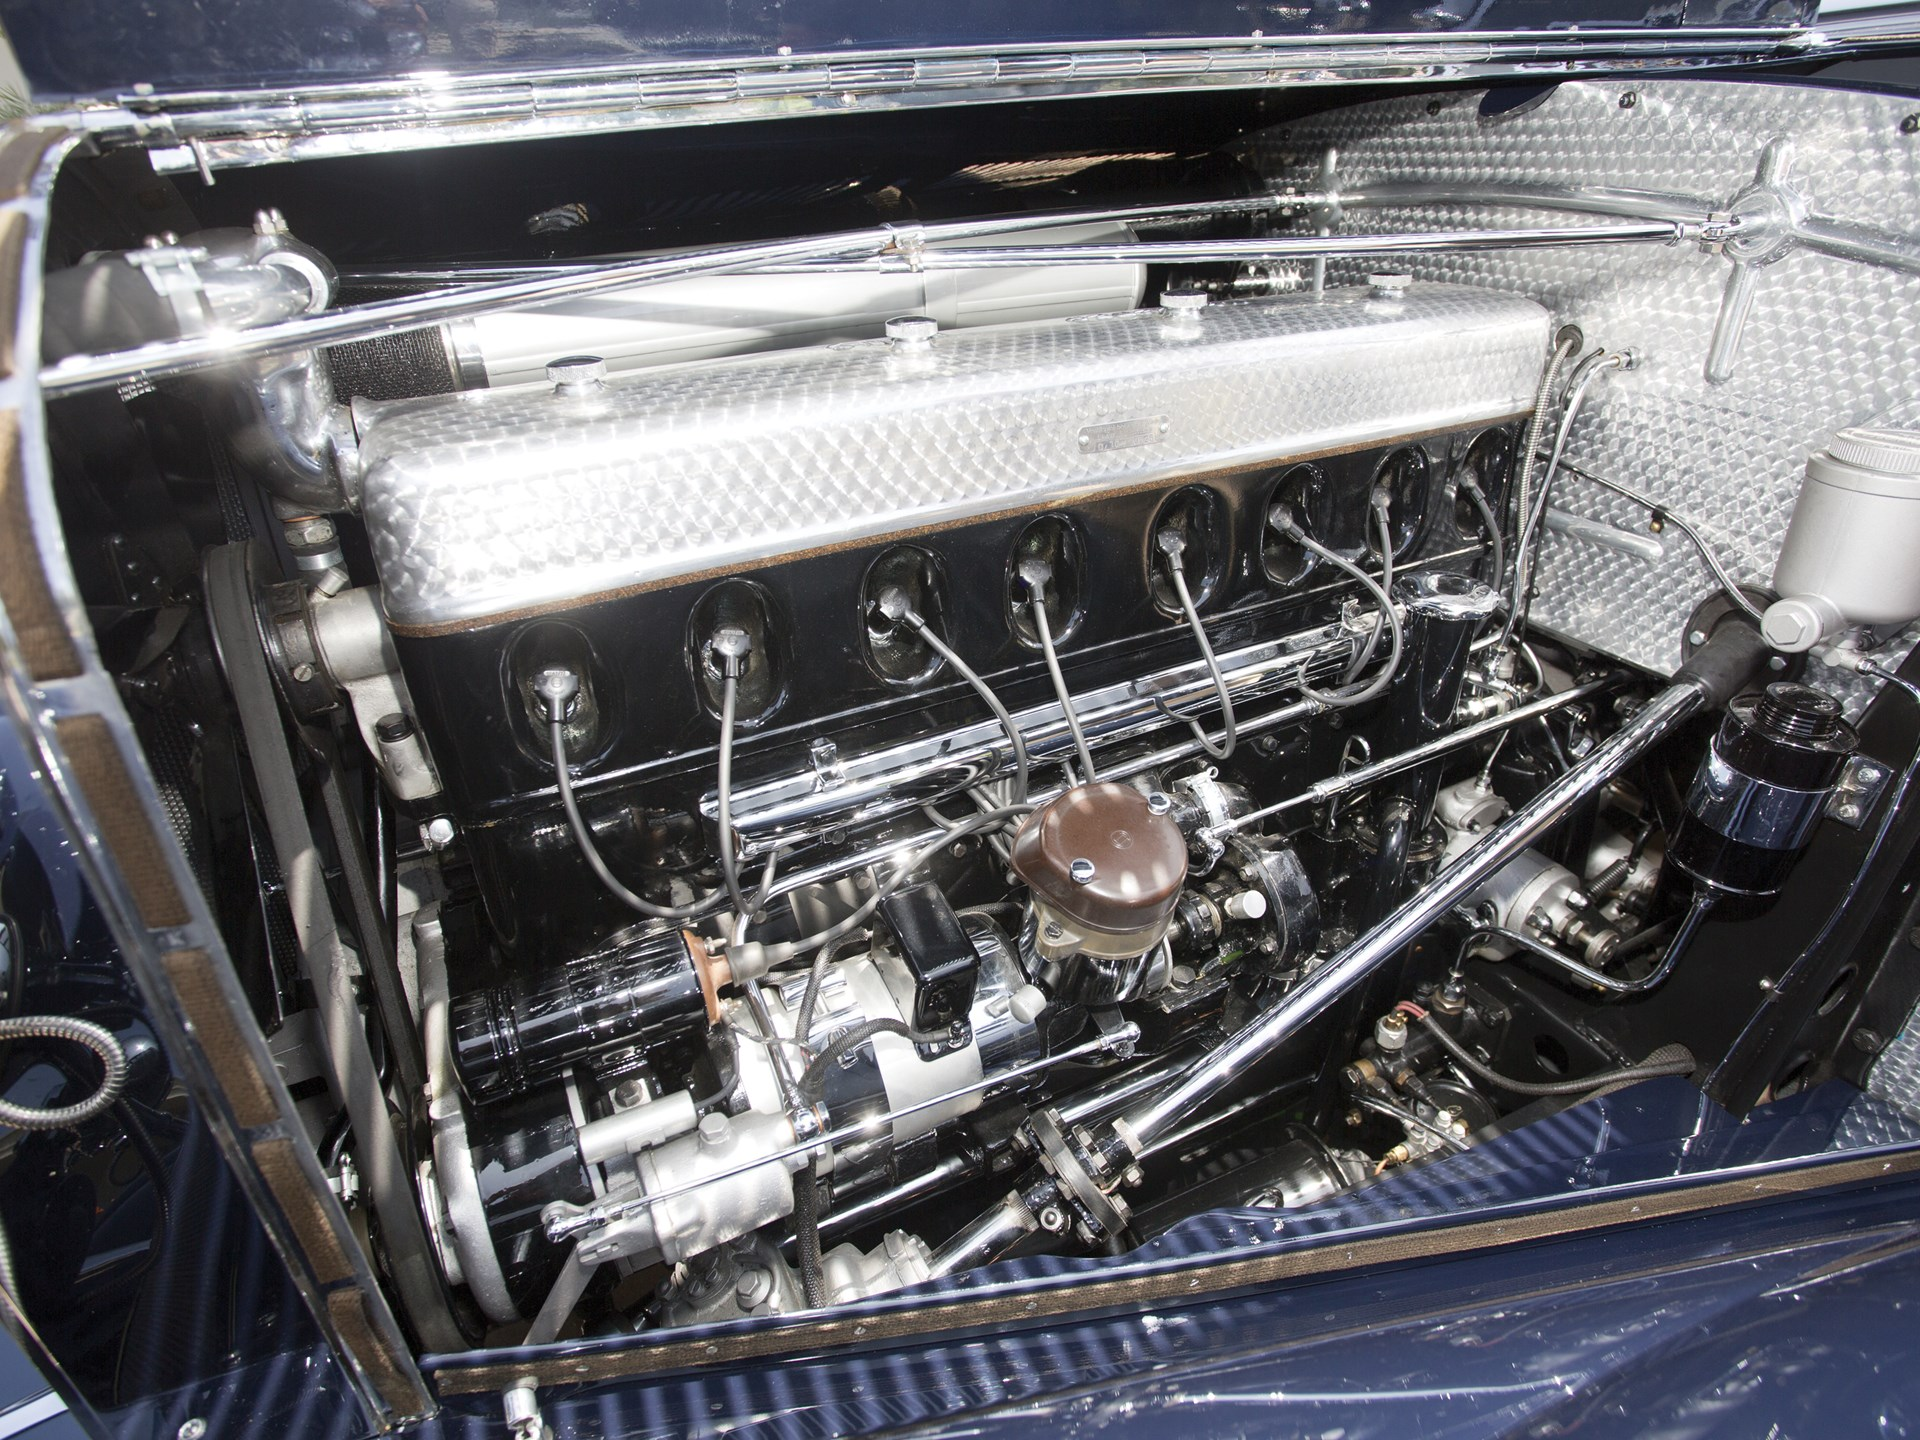 1939 Mercedes-Benz 540k engine